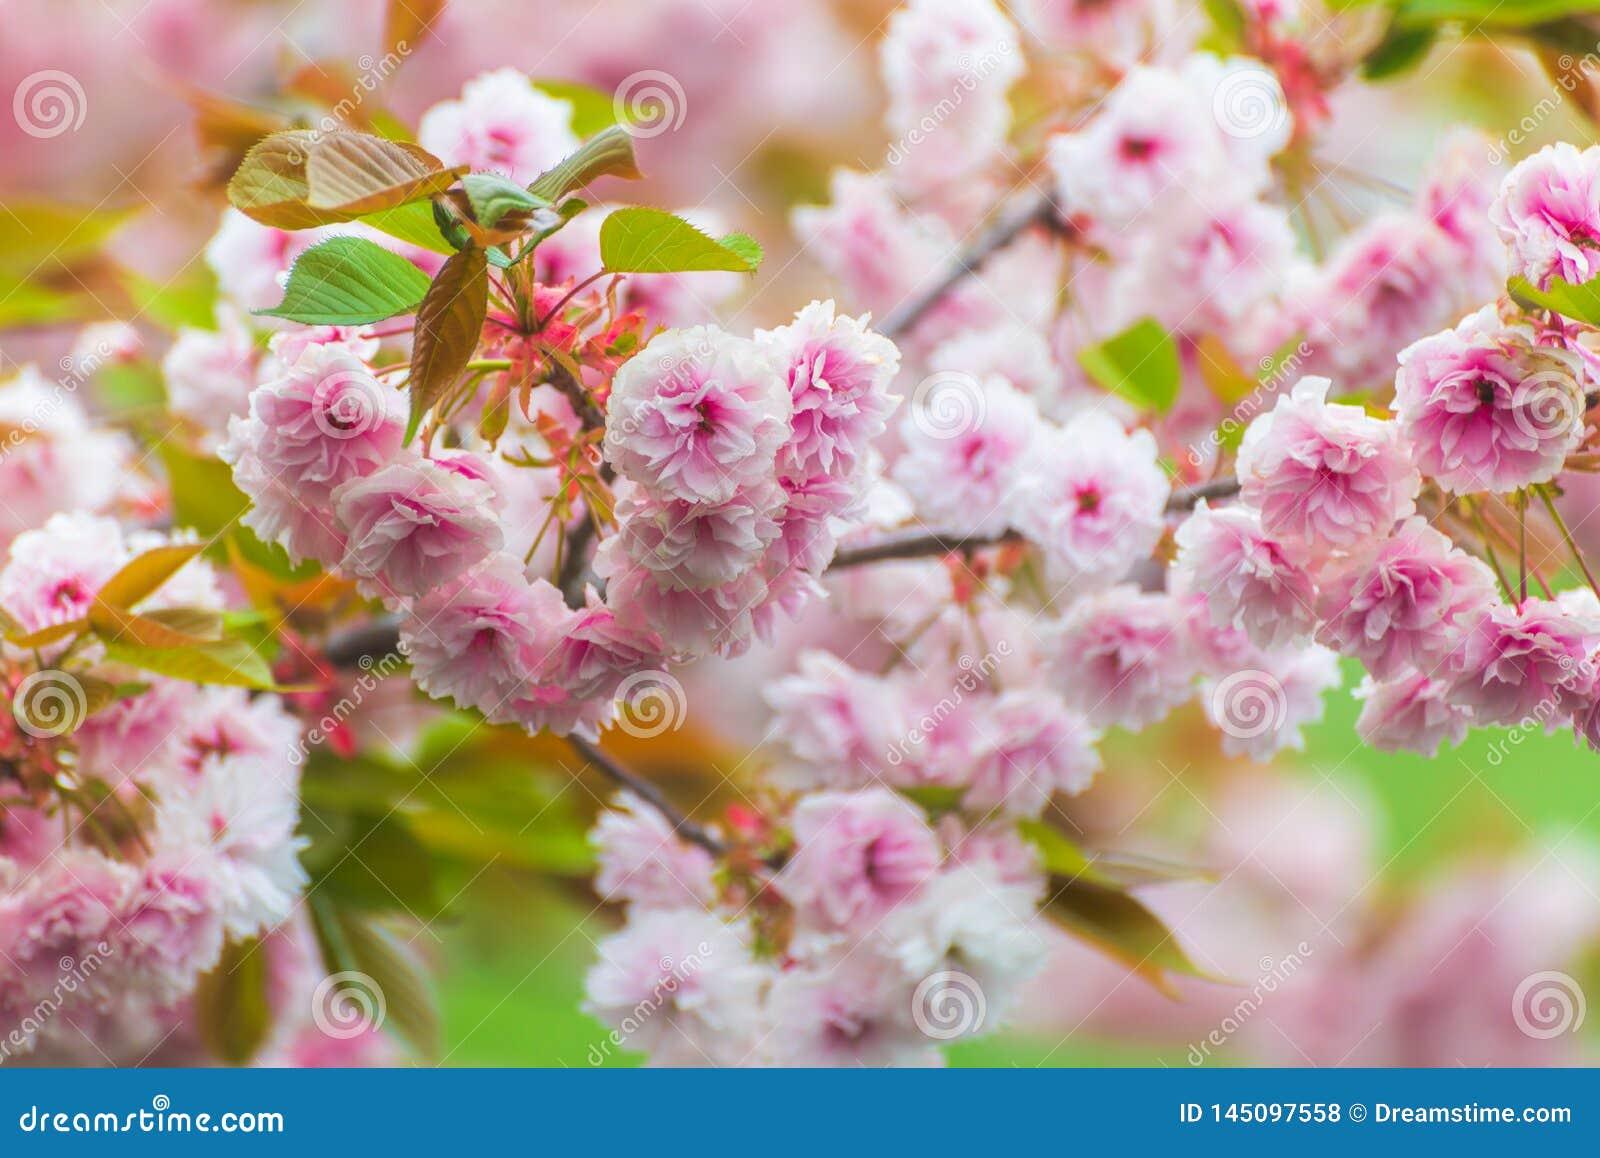 Varmt blommande rosa körsbärsröda blomningar